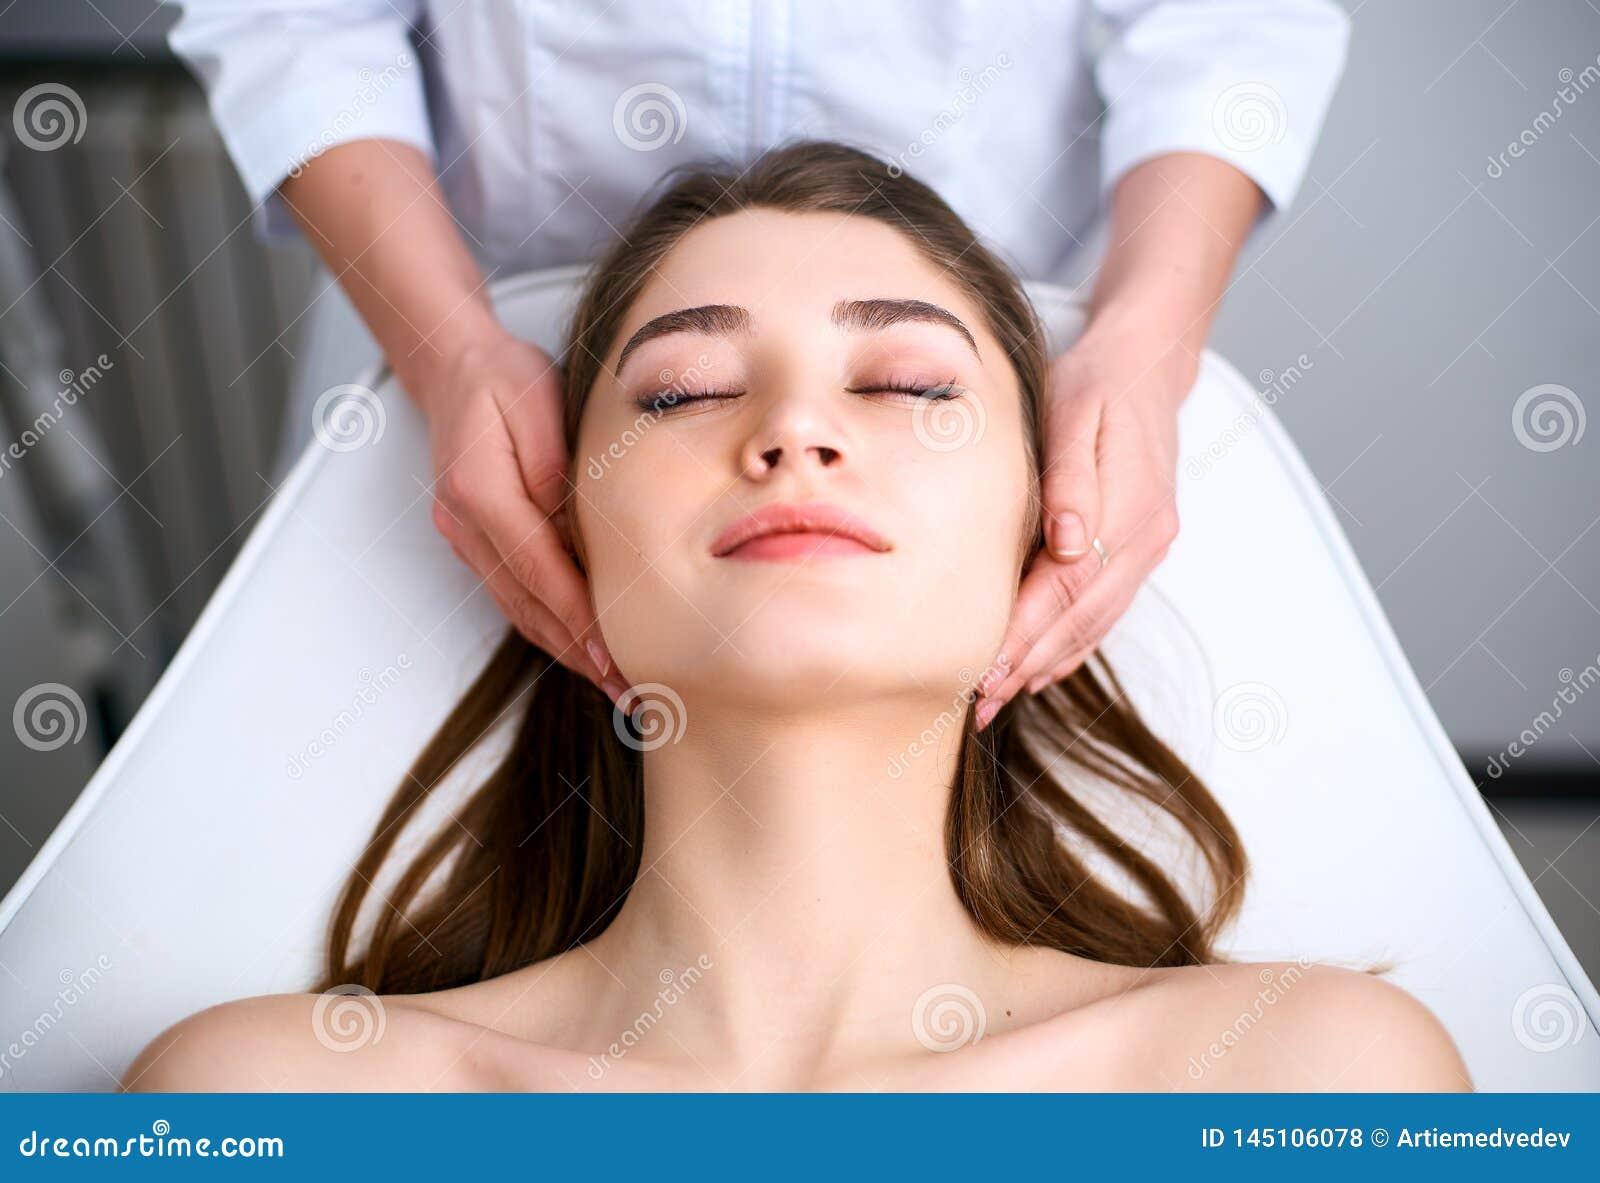 E Tratamiento del skincare del balneario r Piel sana